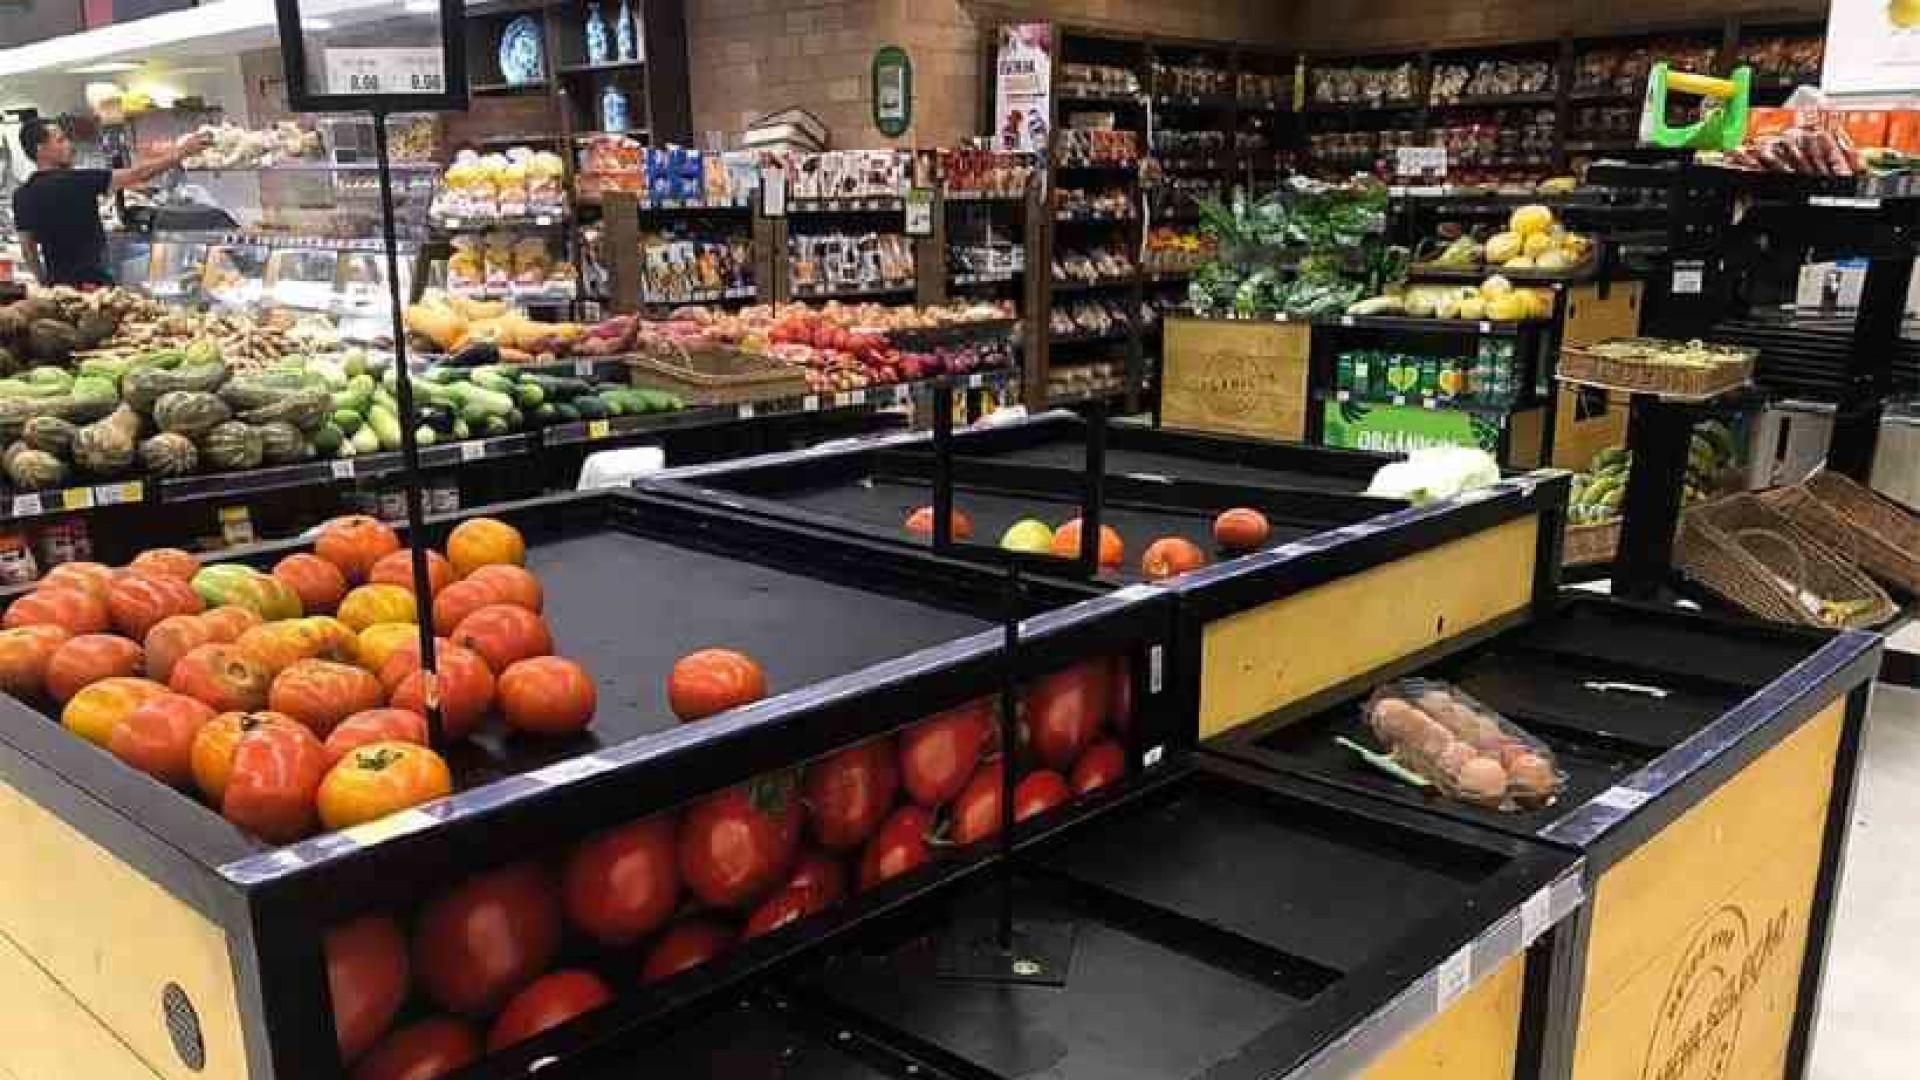 Covid-19: Supermercados já têm redução de produtos nas prateleiras